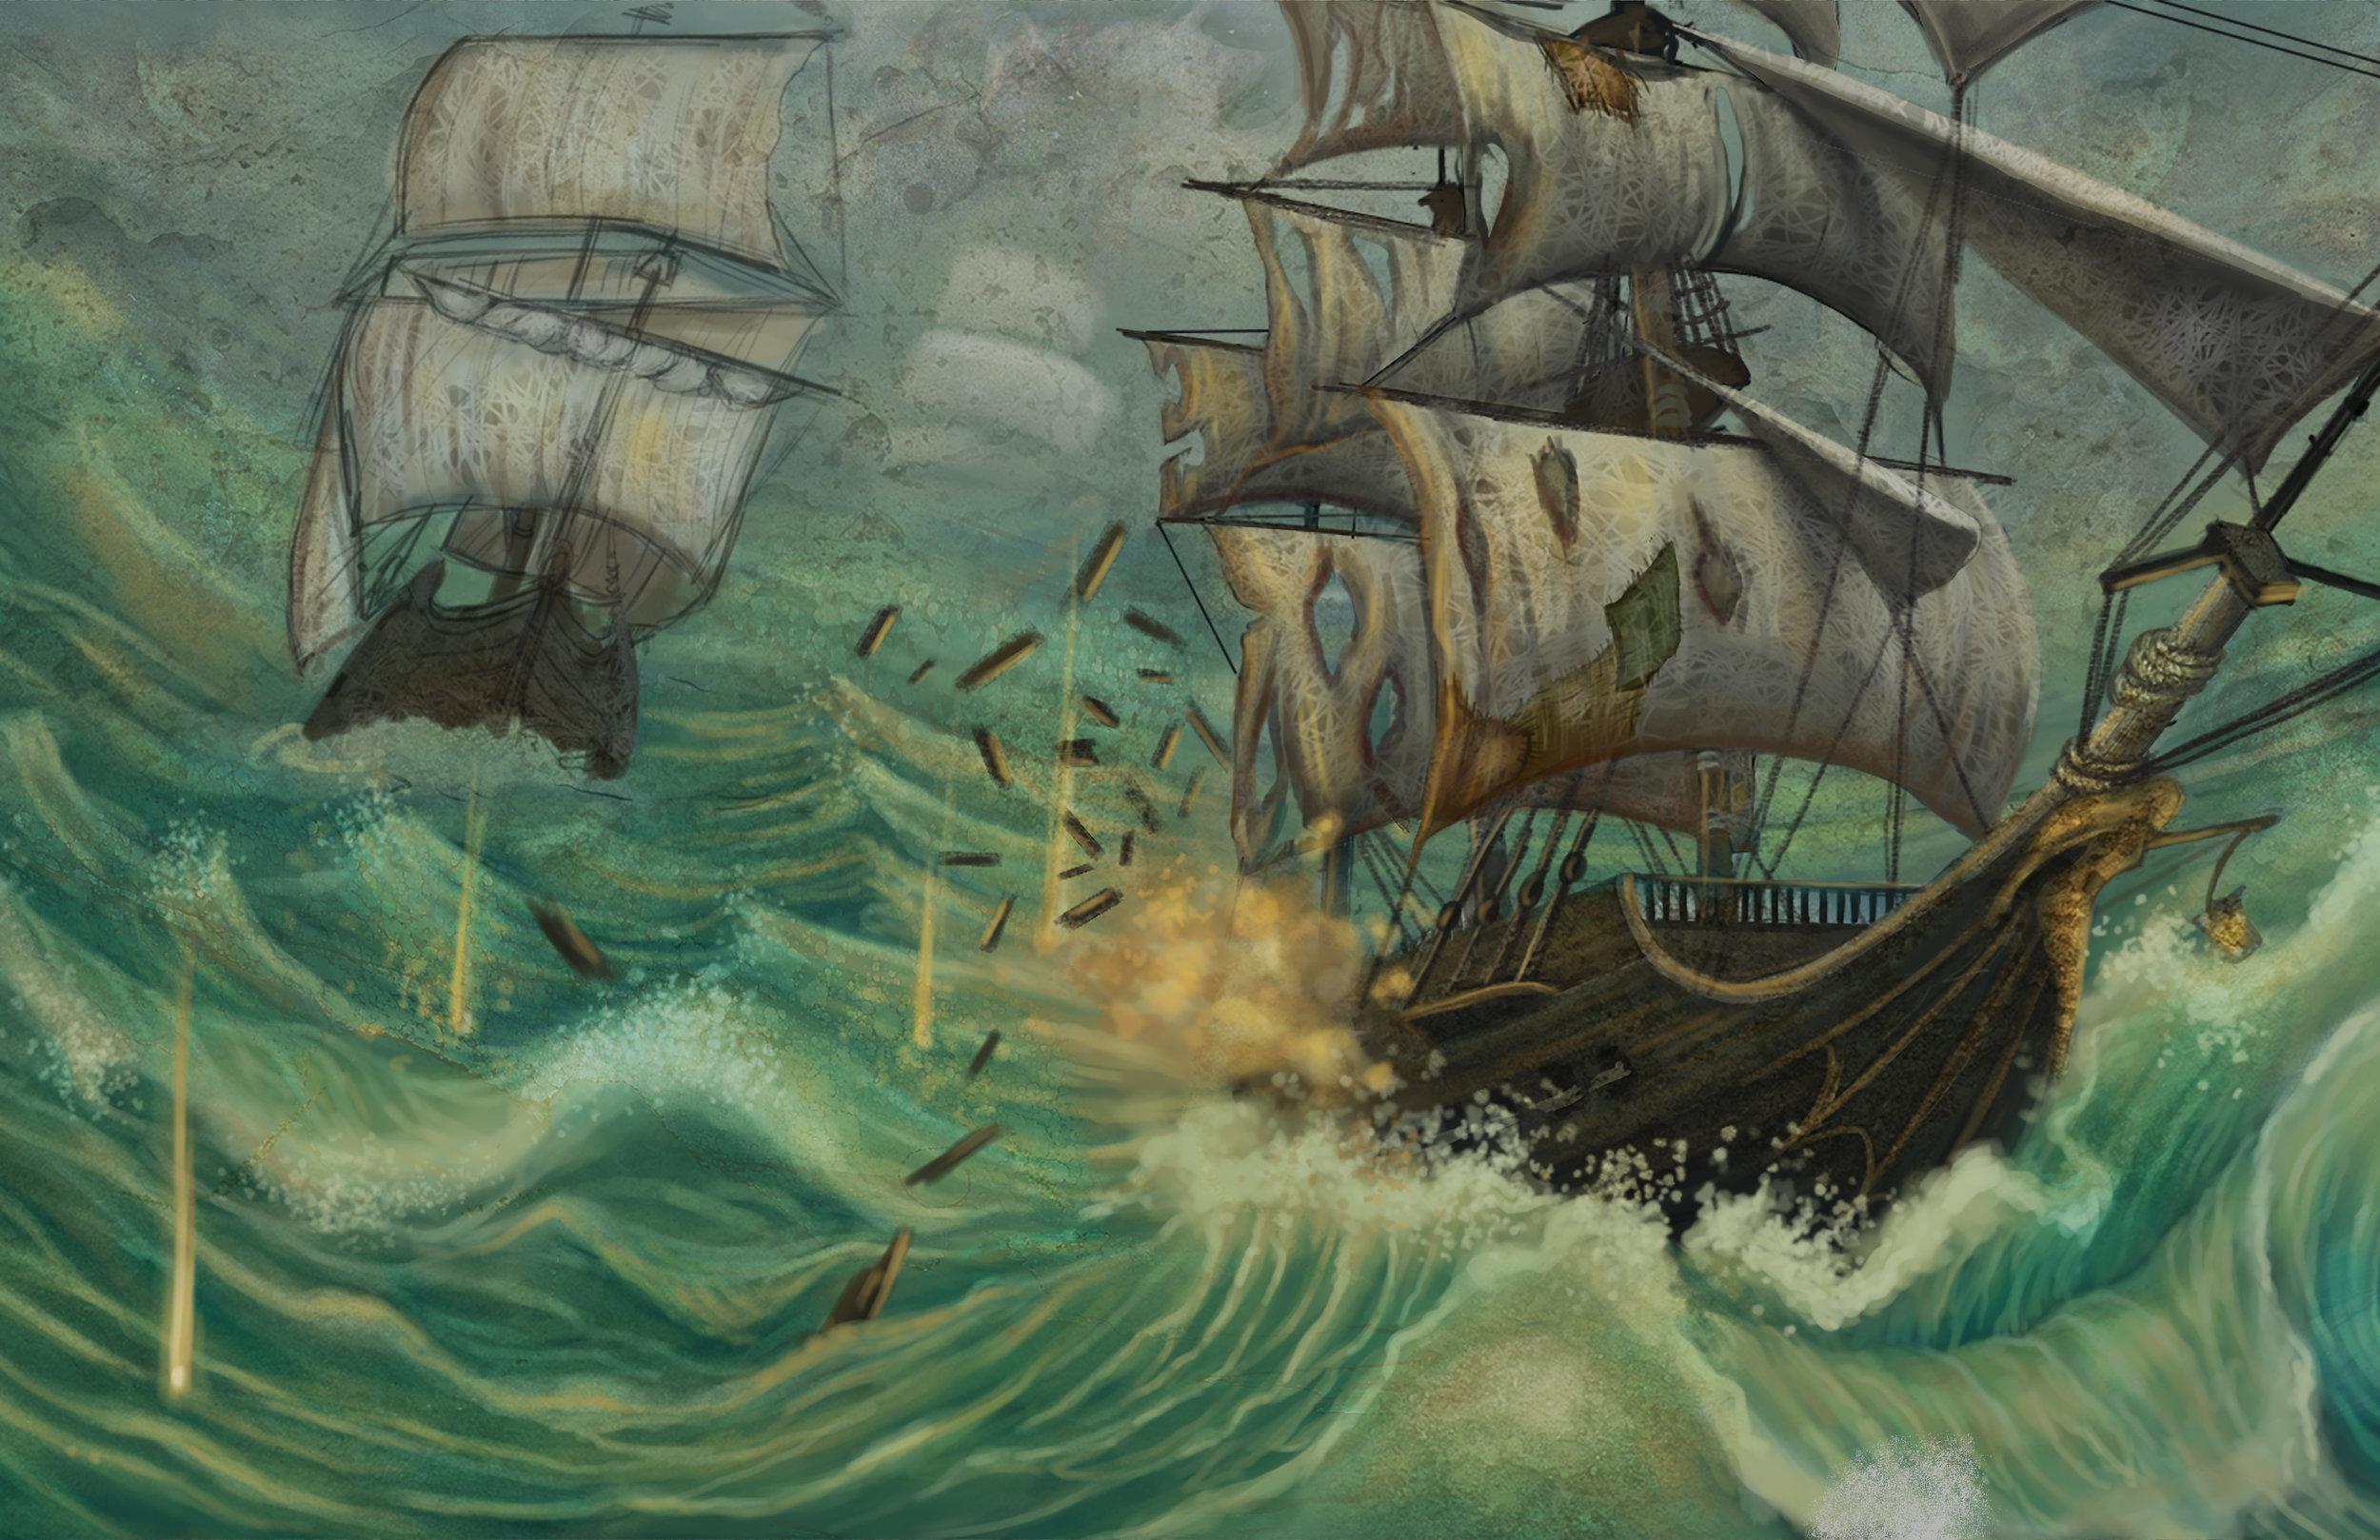 ShipBattle_11x17.jpg